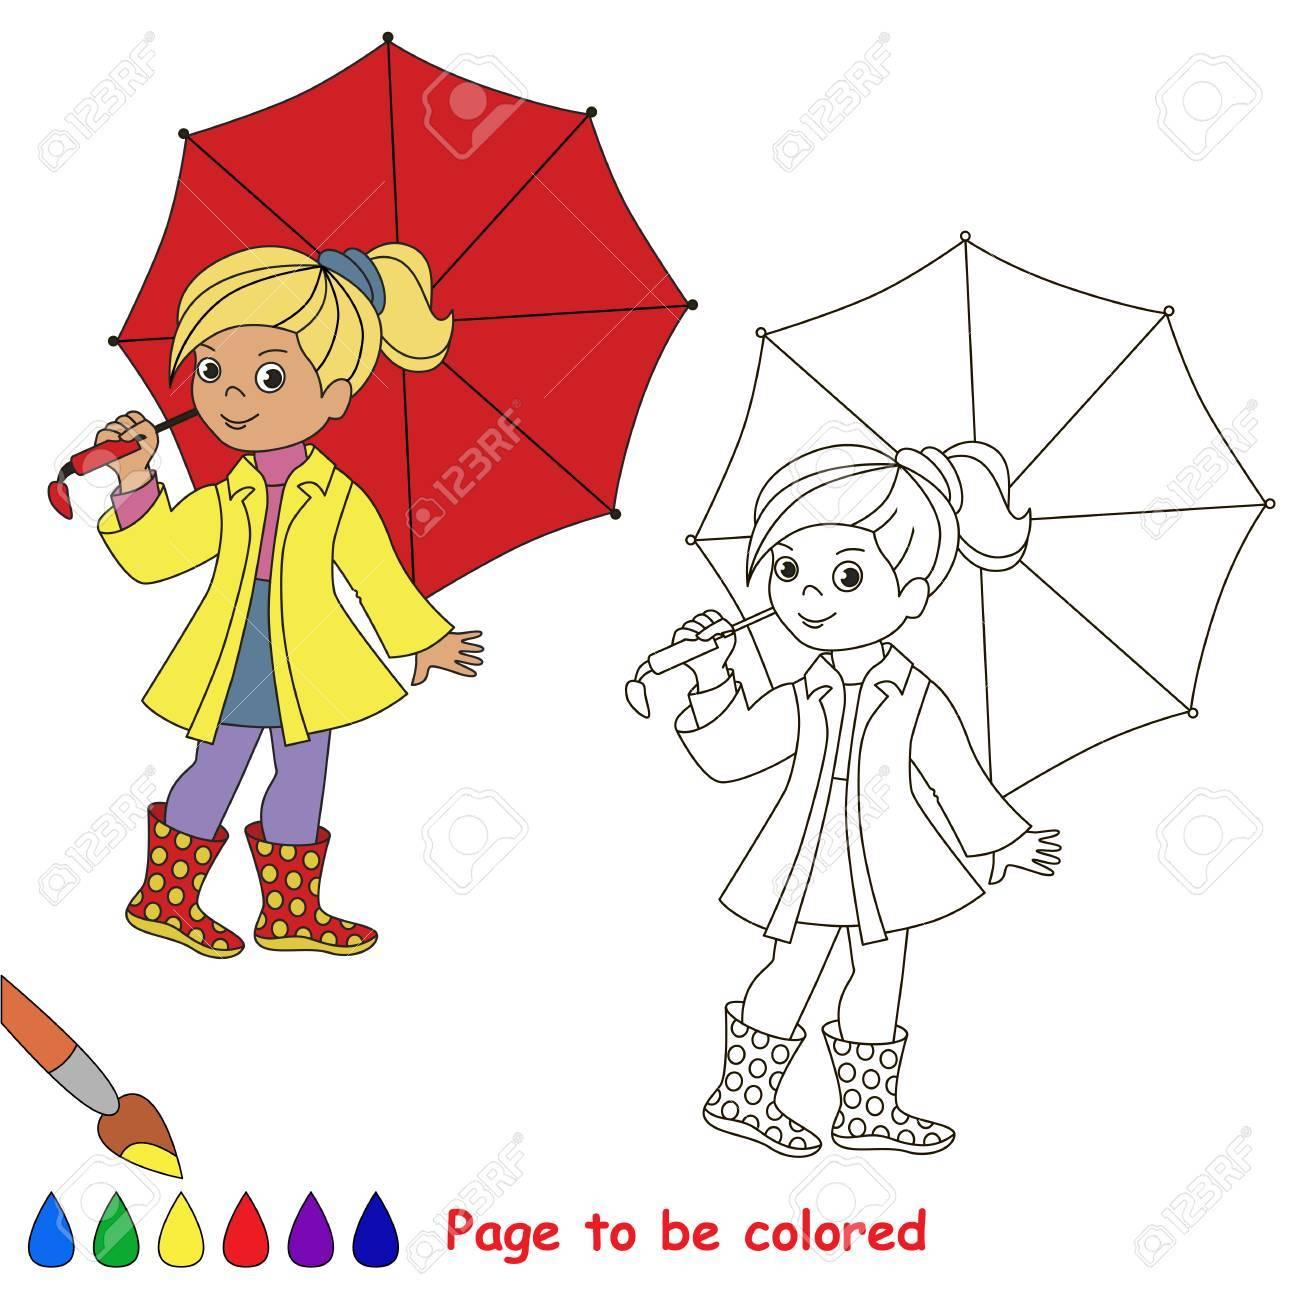 Coloriage Petite Fille Parapluie.Fille Et Parapluie Rouge A Colorier Le Livre De Coloriage Pour Les Enfants D Age Prescolaire Avec Un Niveau De Jeu Educatif Facile